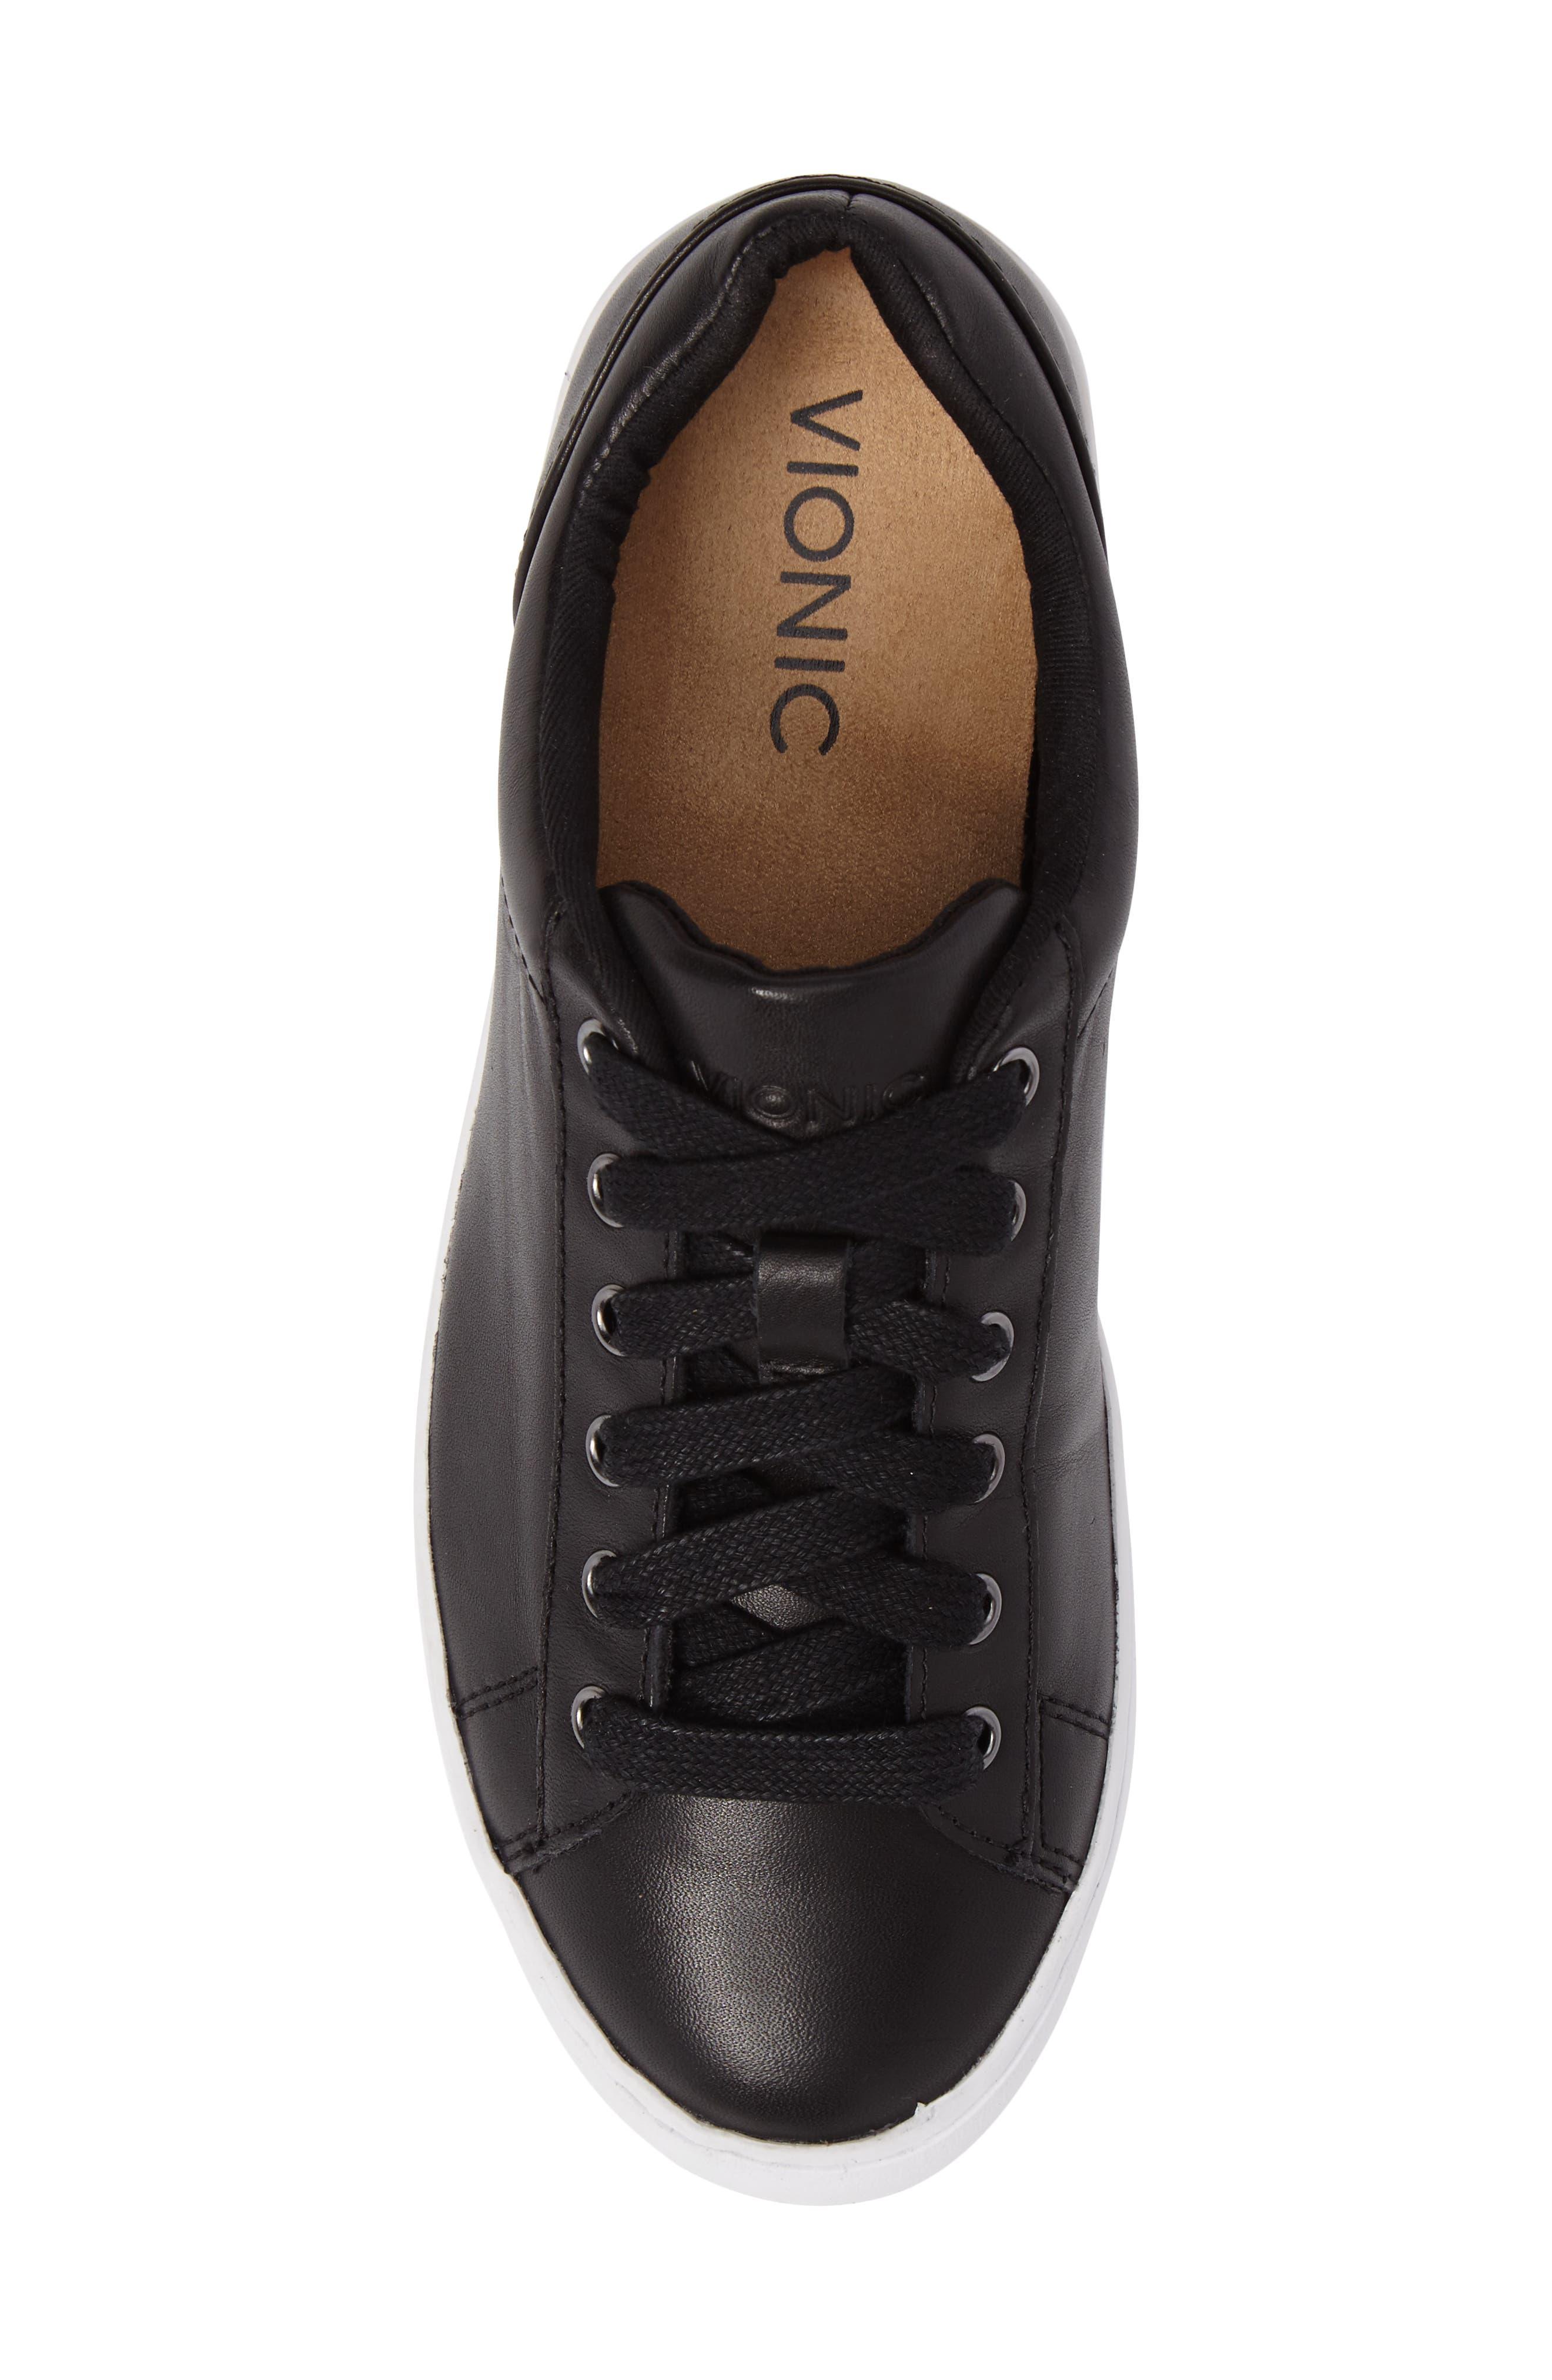 Splendid Syra Sneaker,                             Alternate thumbnail 5, color,                             001